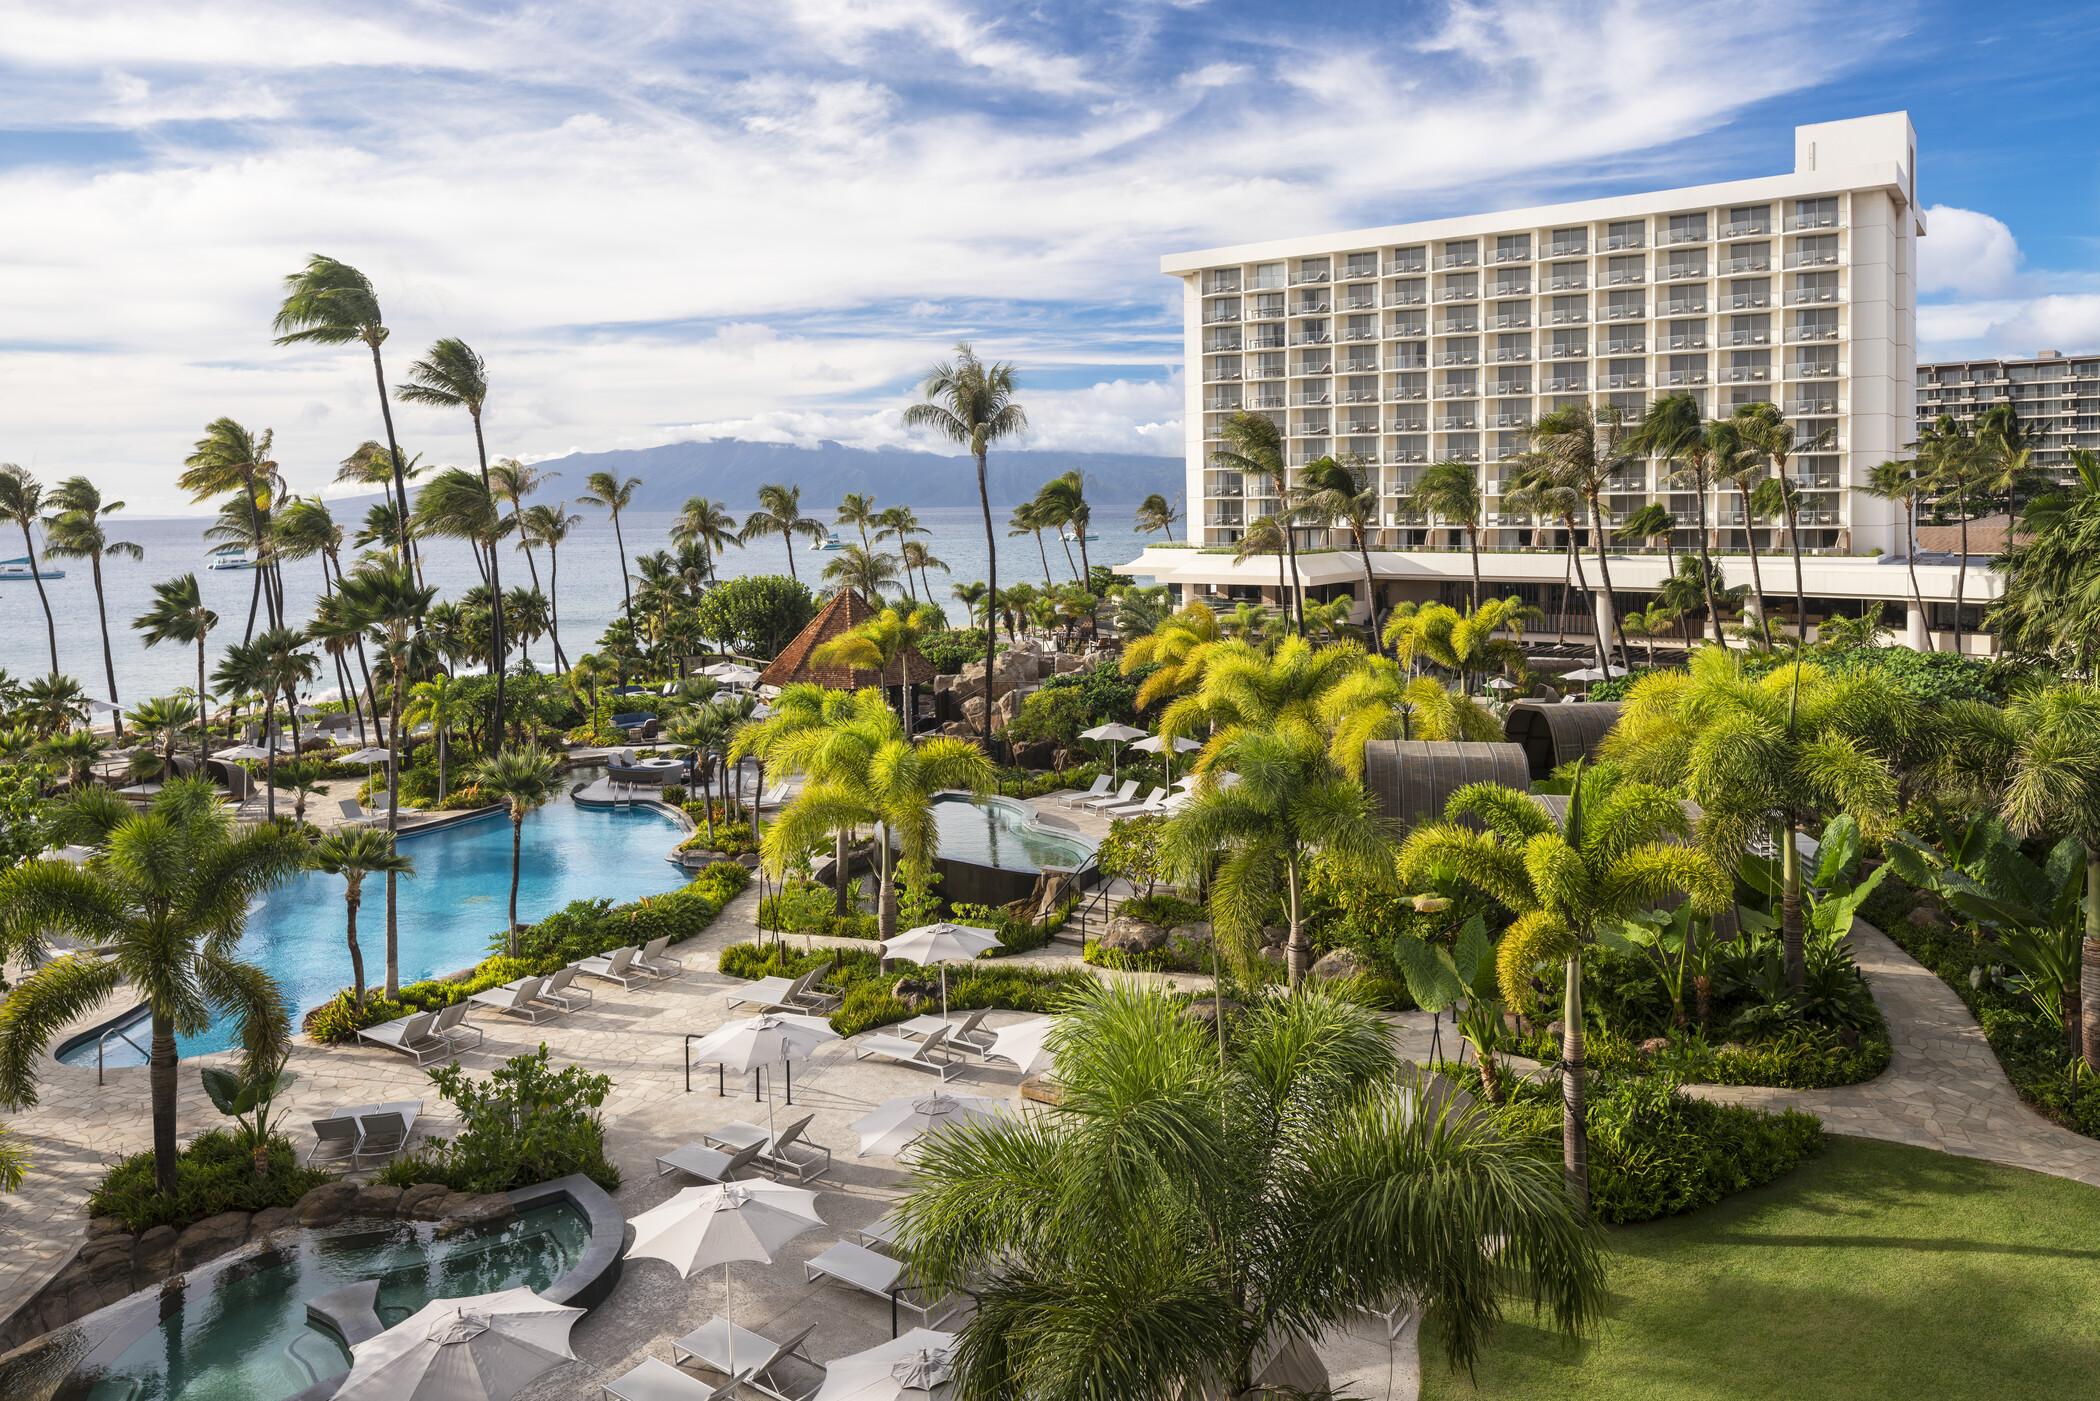 Westin Maui Resort Underwent $120 Million Renovation, Participating in Mālama Hawaiʻi Initiative